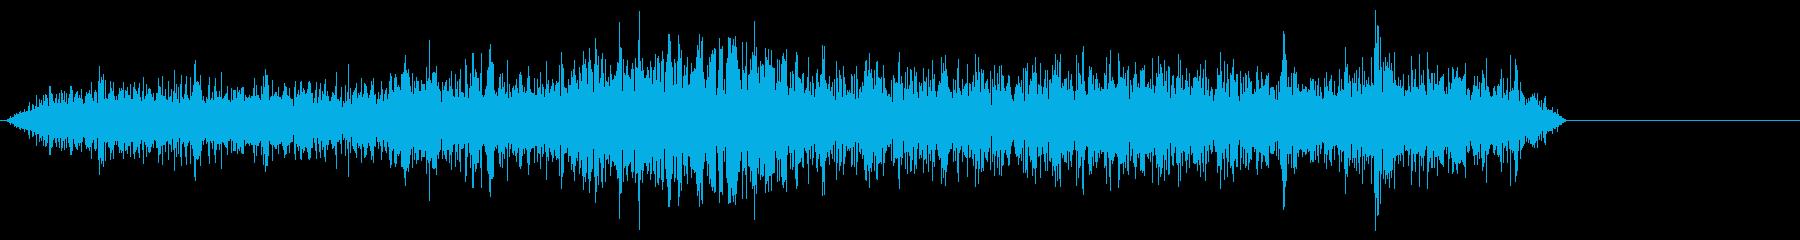 海鳴りの音 ガー ゴー ザーの再生済みの波形